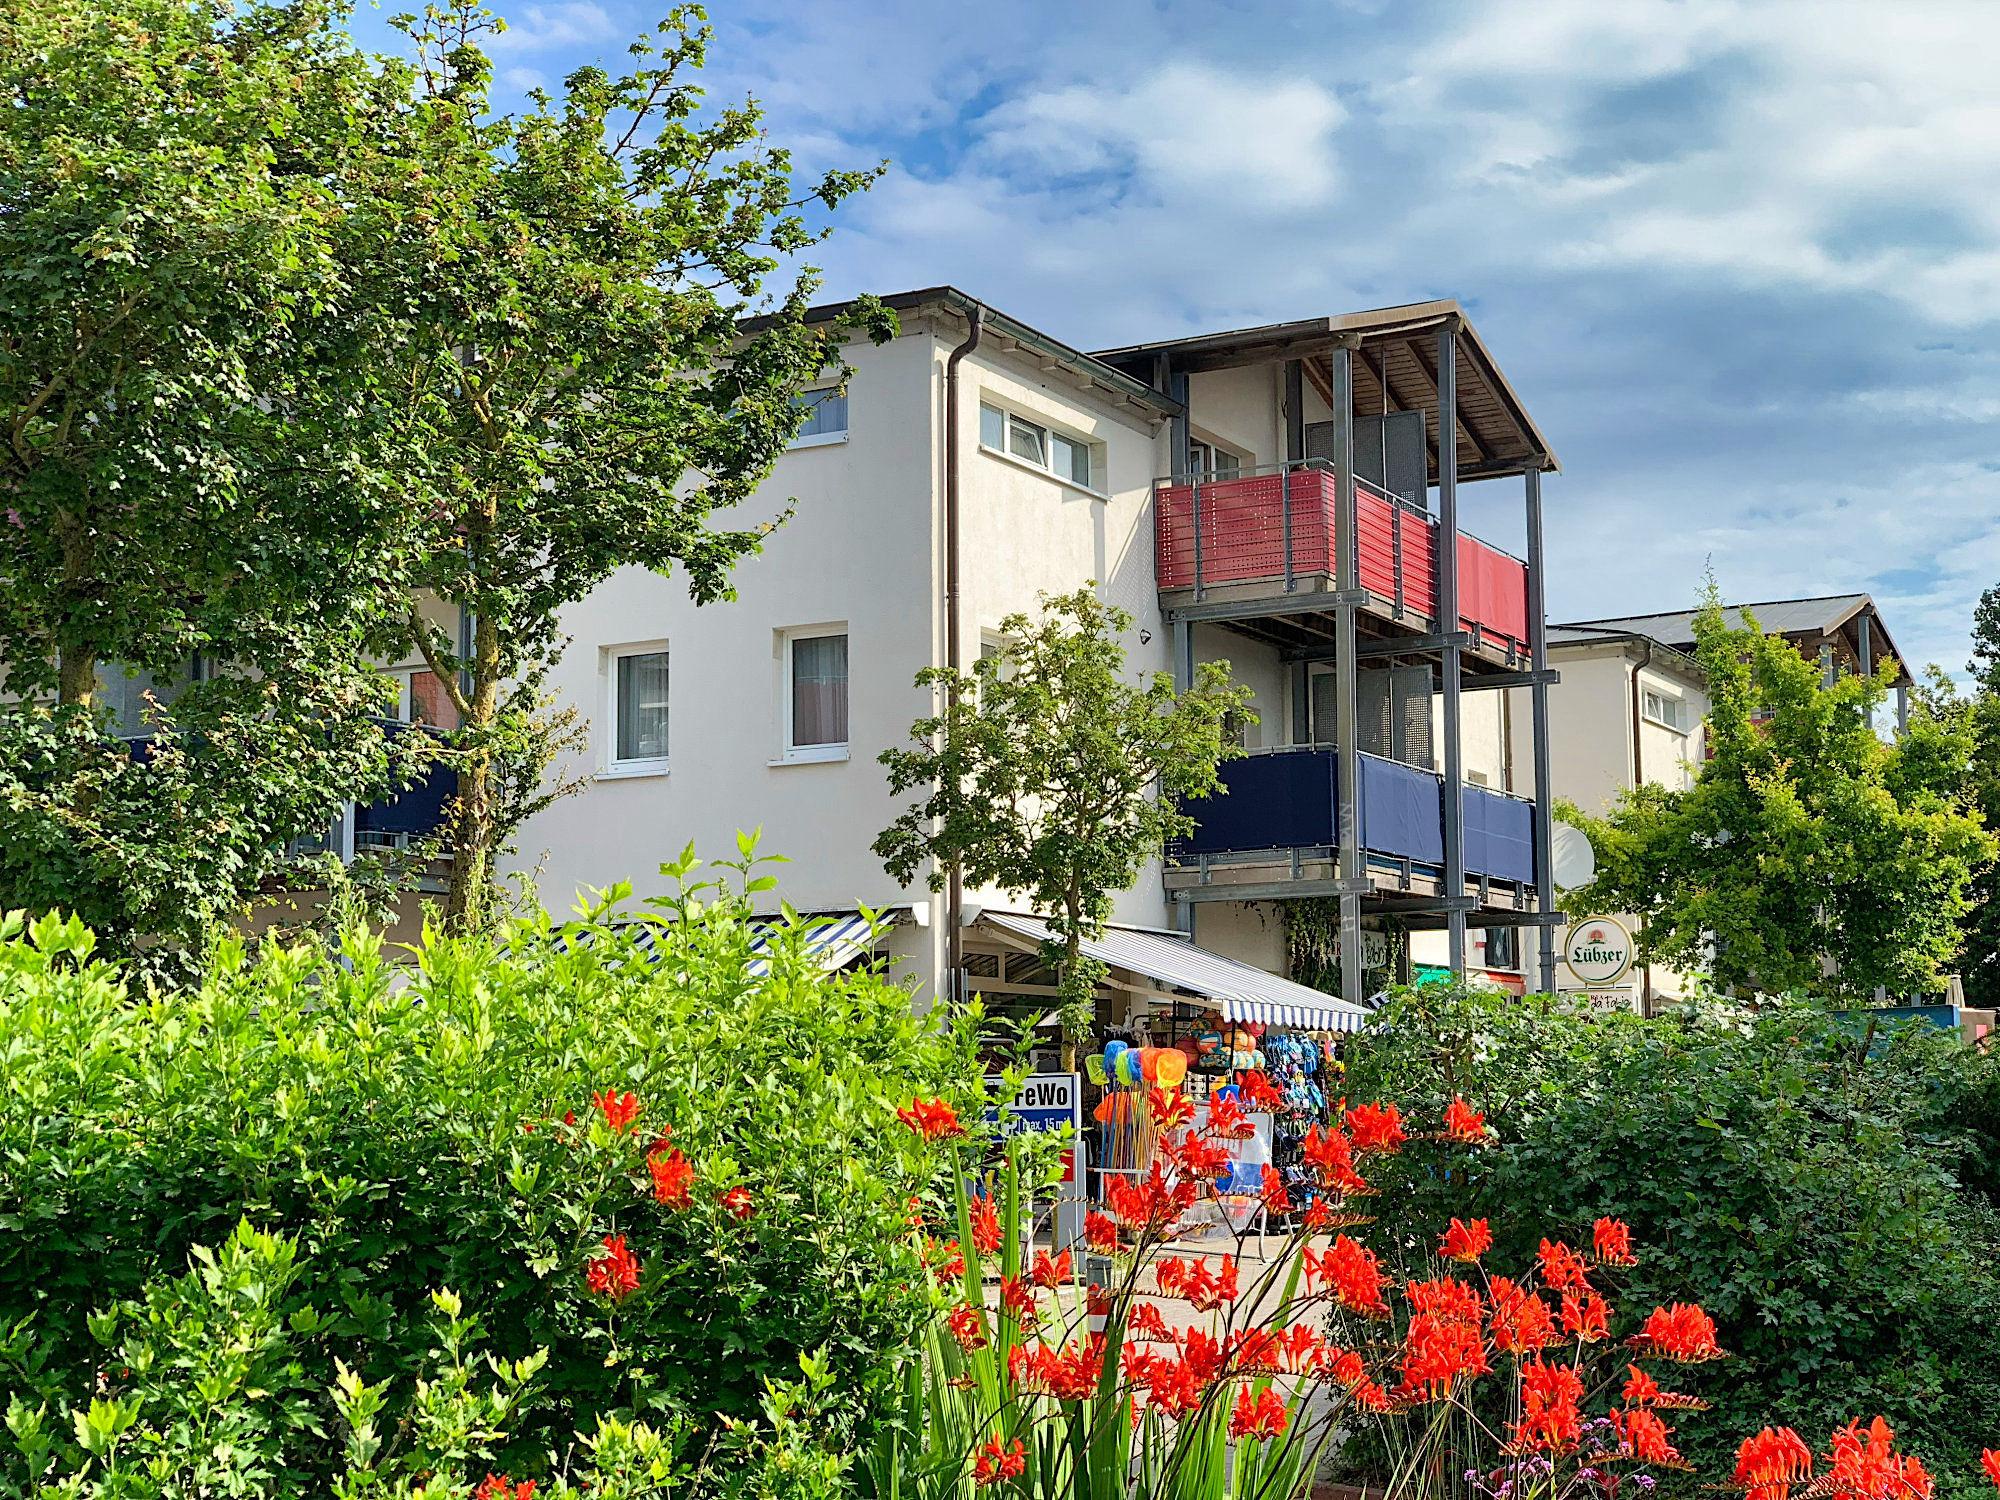 Aussenbild Strandpalais, Haus 2 mit Bepflanzung im Vordergrund